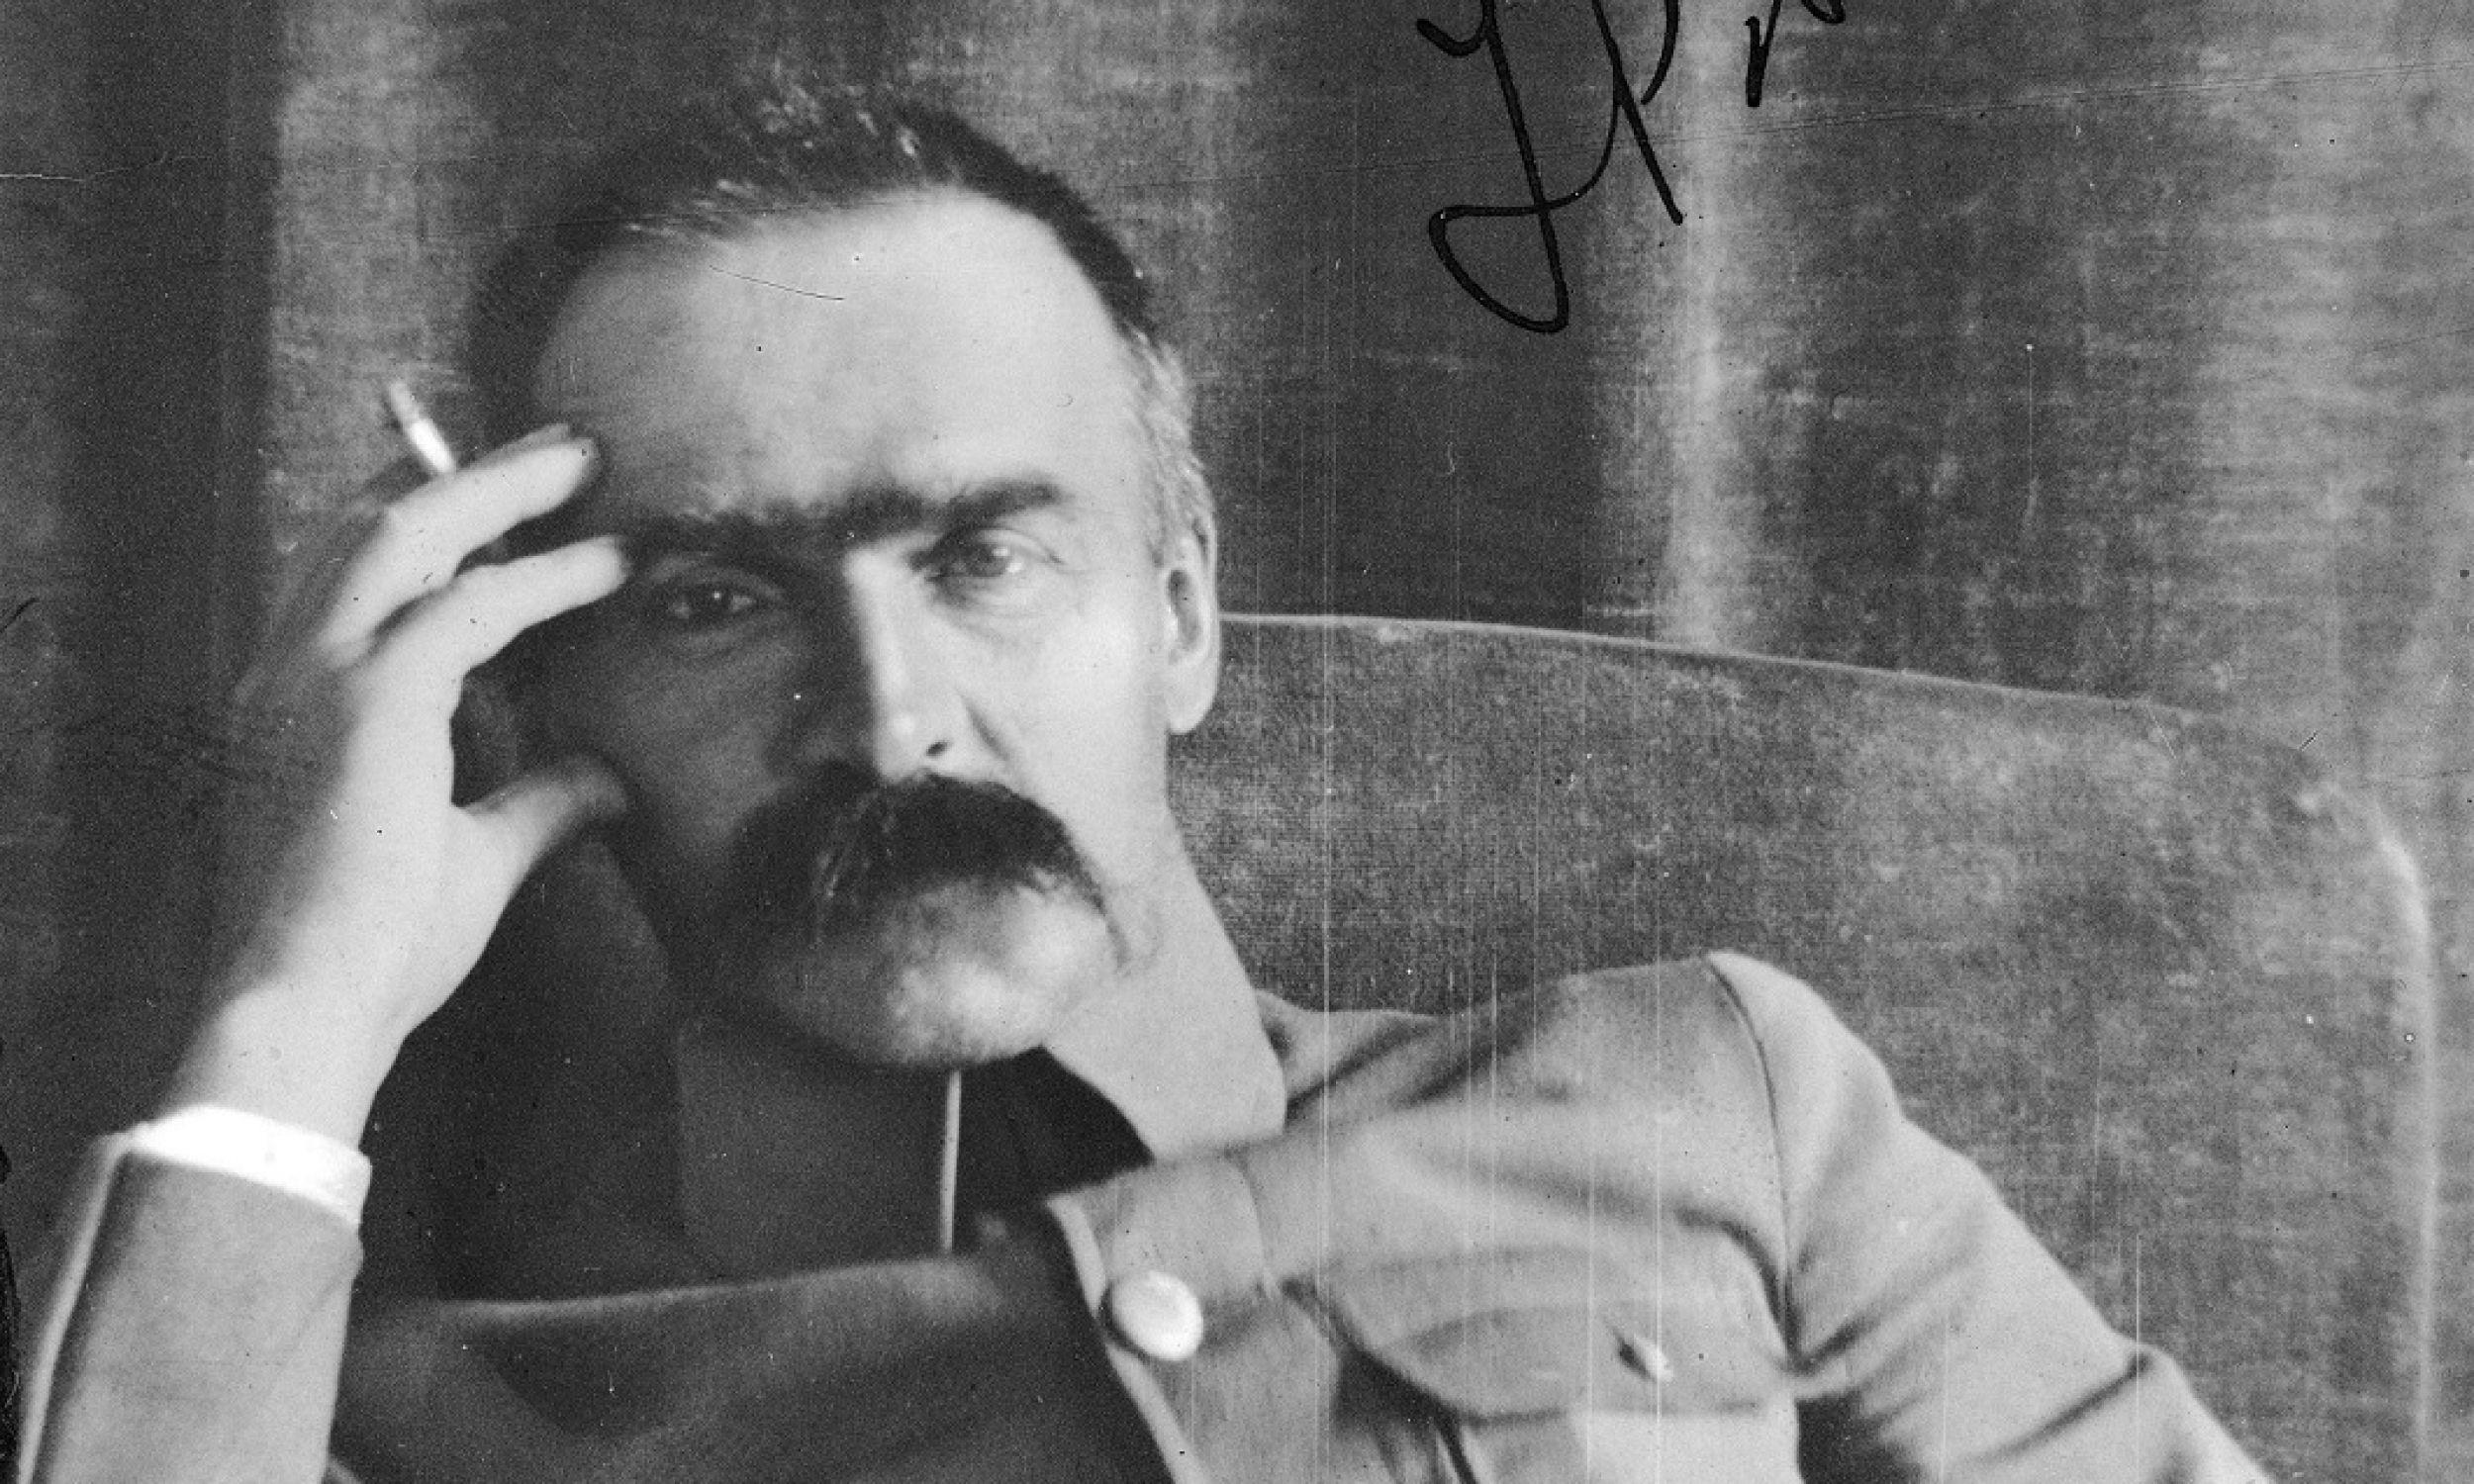 Bohaterowie naszej niepodległości – Józef Piłsudski i Roman Dmowski – już od młodości lubowali się w tytoniowym nałogu. Zdjecie marszałka Polski i premiera RP wykonane w latach 1920 - 1928. Fot. NAC/Instytut Józefa Piłsudskiego, sygnatura: 22-1-8